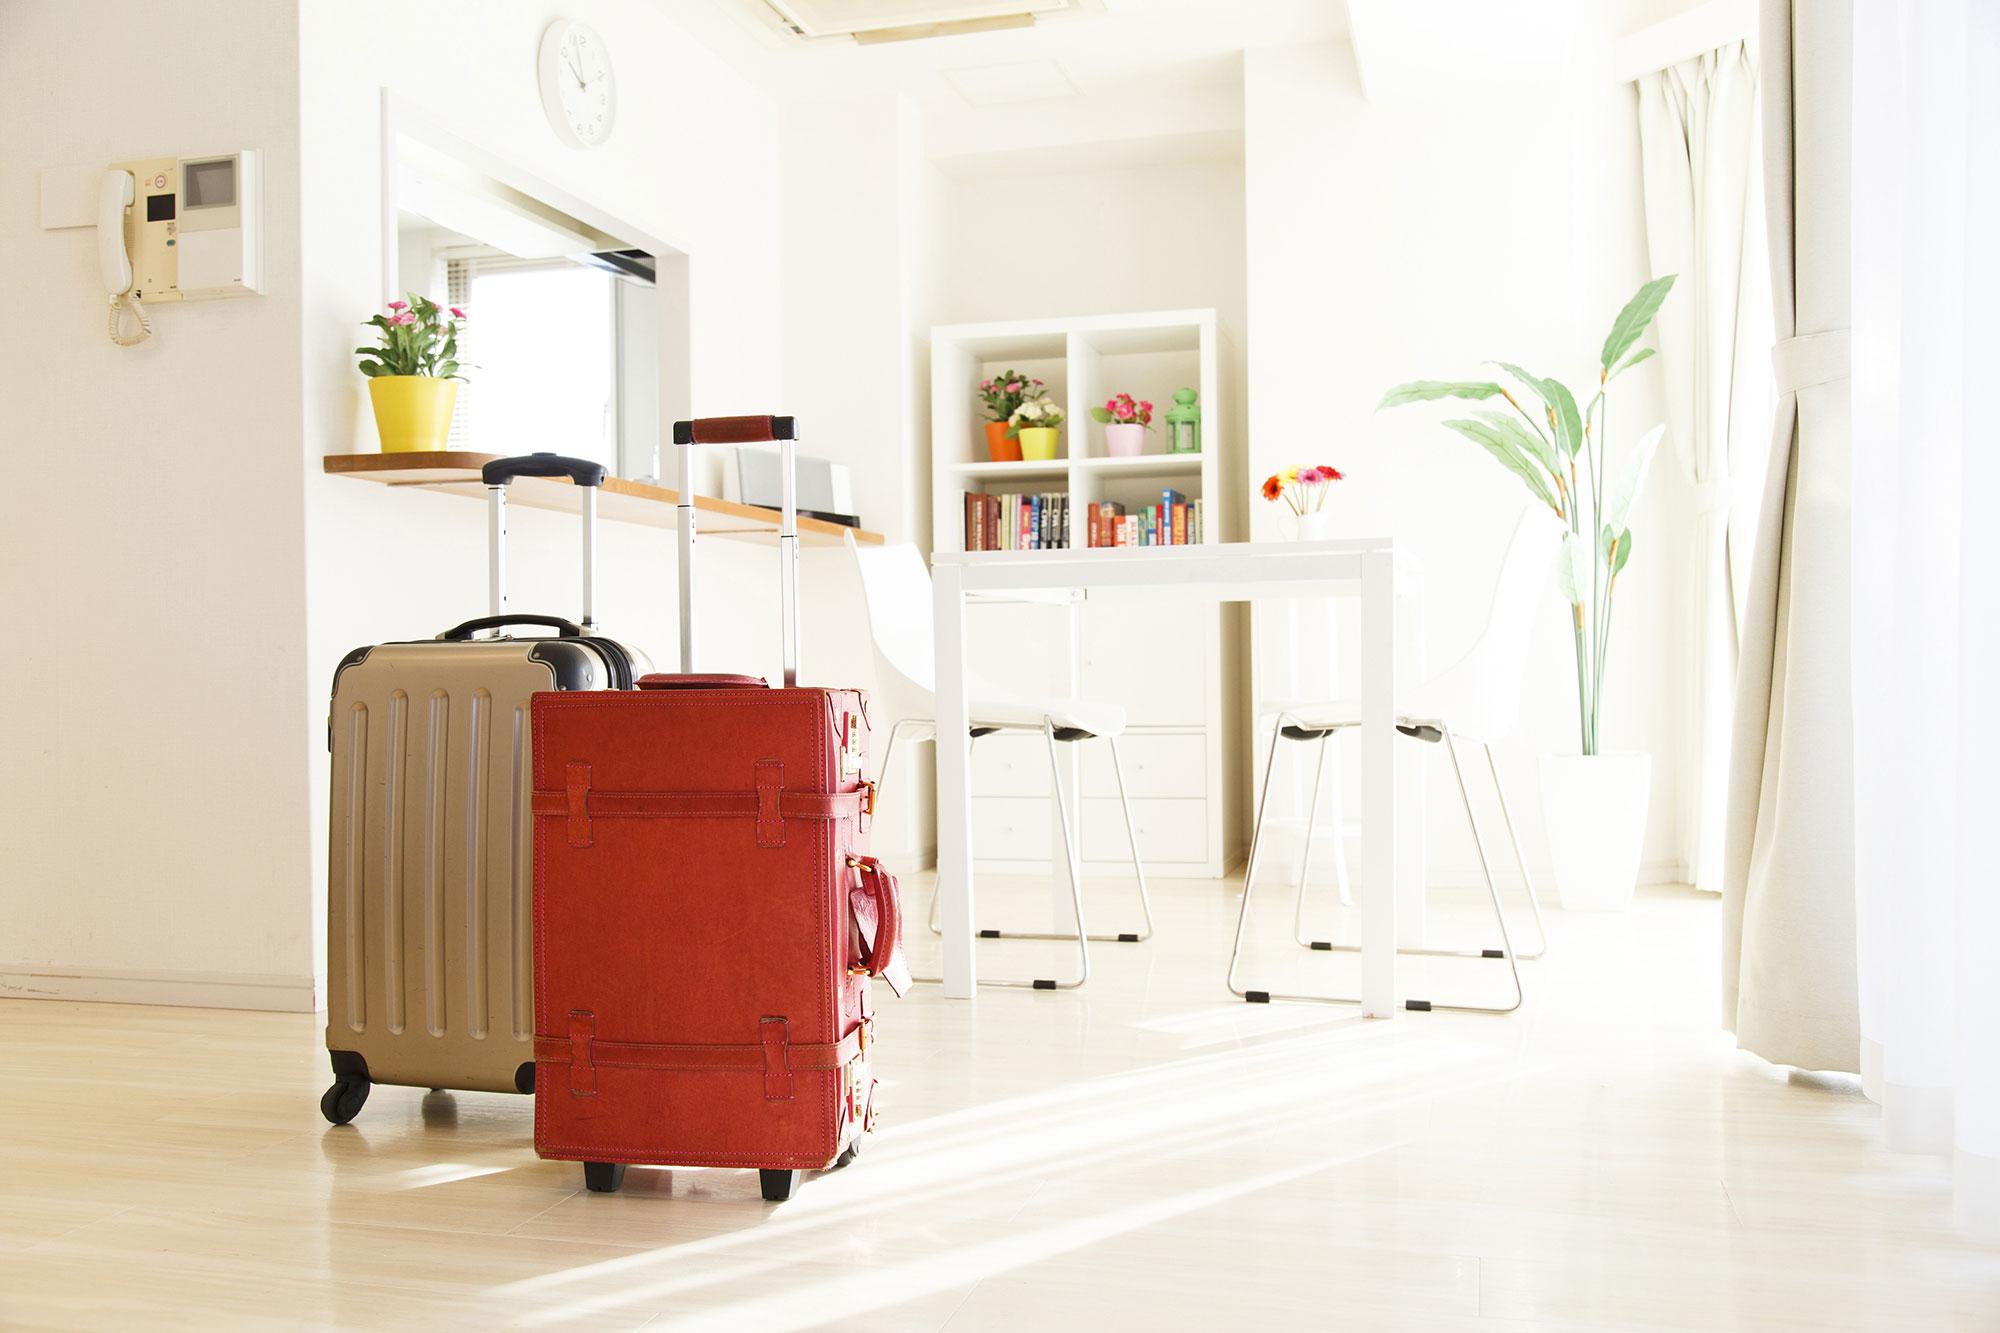 民泊(airbnb)の基本ビジネスモデルや法規制を総まとめ